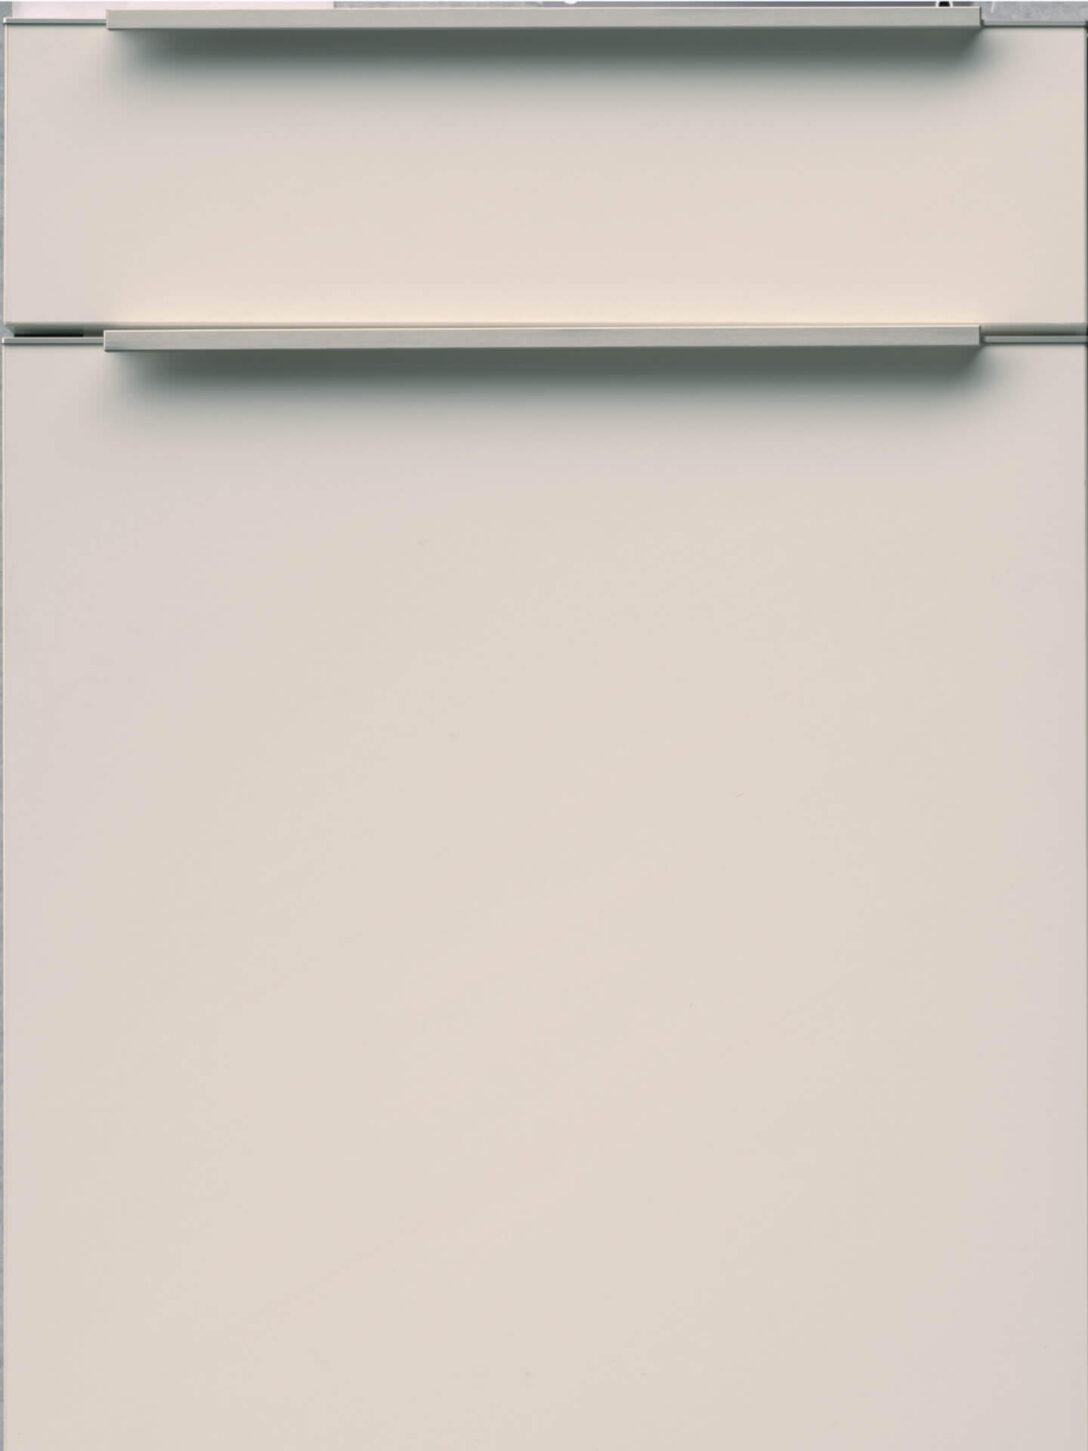 Large Size of Küche Griffe Ffnungssysteme Fr Ihre Kche Ratiomat Sonoma Eiche Grillplatte Einbauküche Mit Elektrogeräten Rollwagen Mintgrün Müllschrank Bodenfliesen Wohnzimmer Küche Griffe